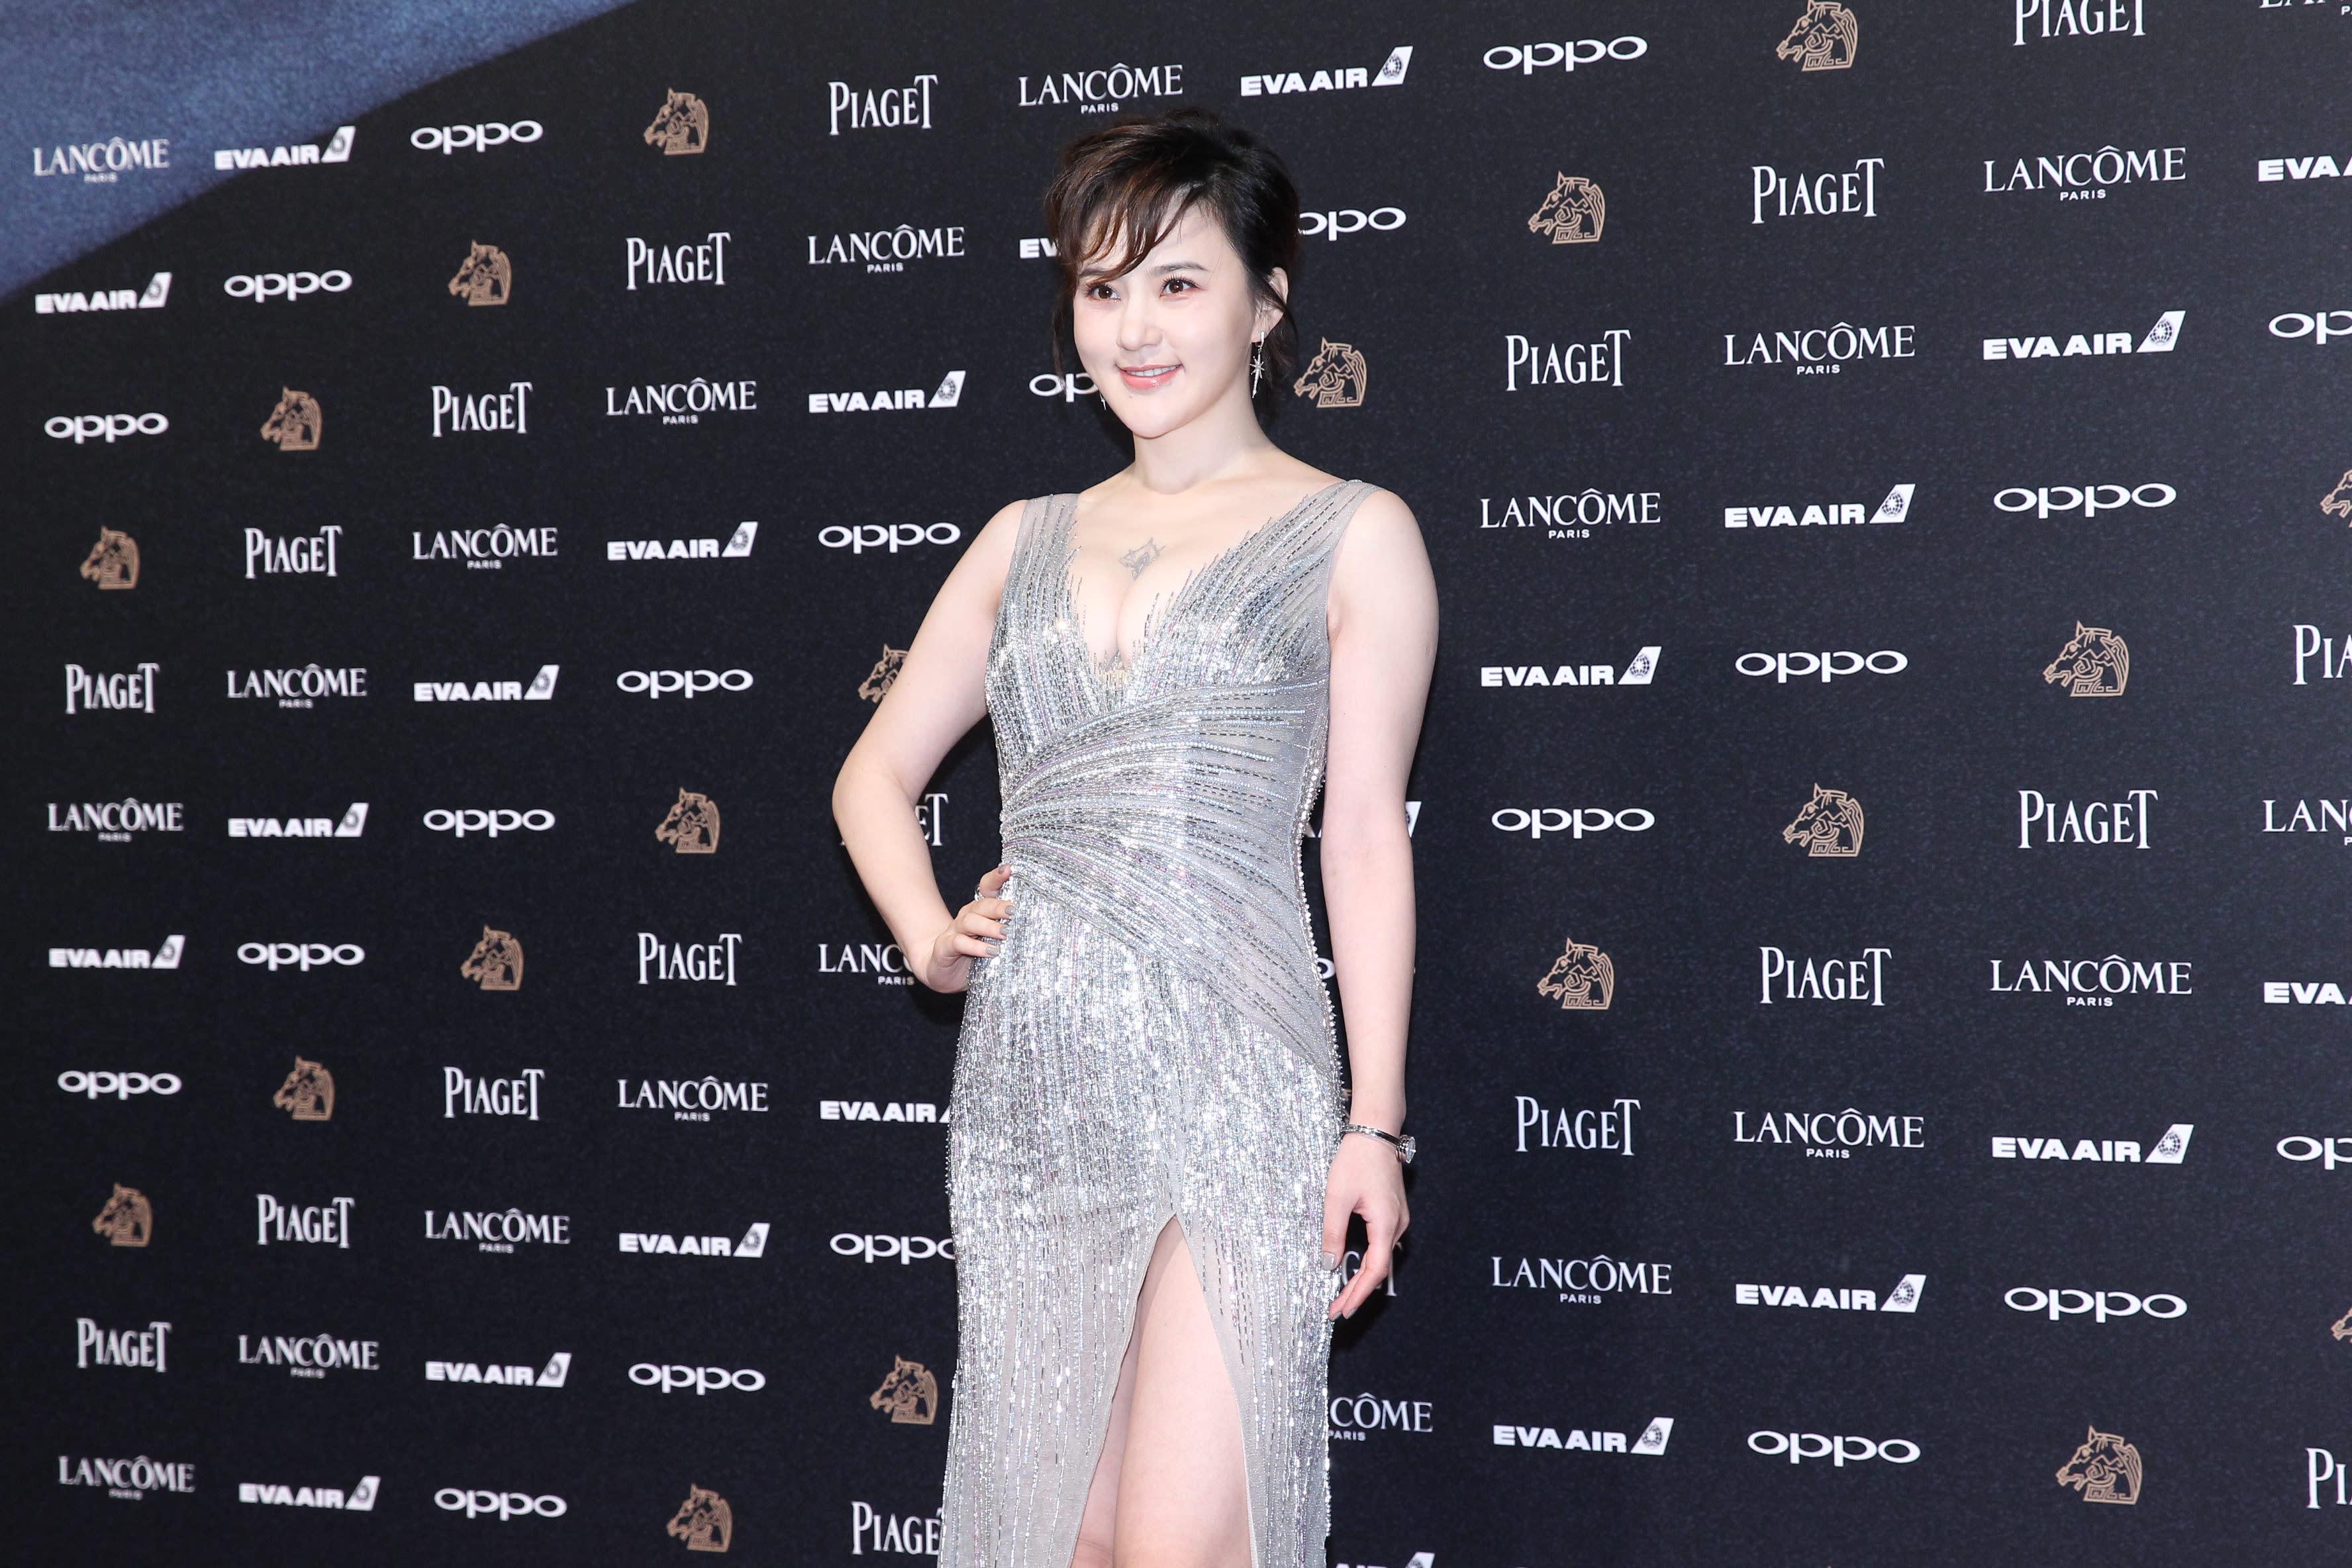 <p>《老獸》劇組女星王子子,穿上低胸銀色閃閃晚裝,更豪曬超事業線,非常引人注目(影像提供:達志影像) </p>